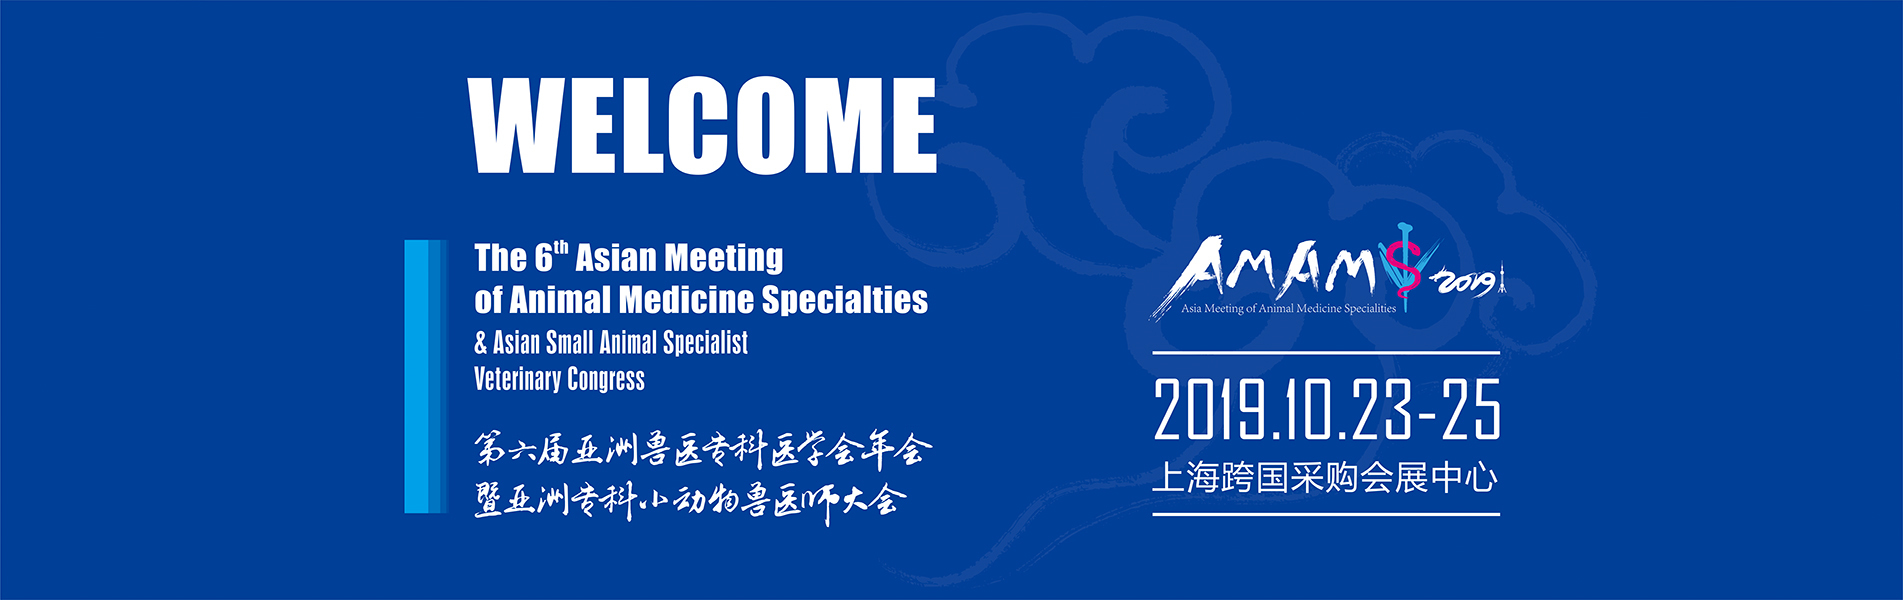 第六届亚洲兽医专科医学会年会暨亚洲专科小动物兽医师大会